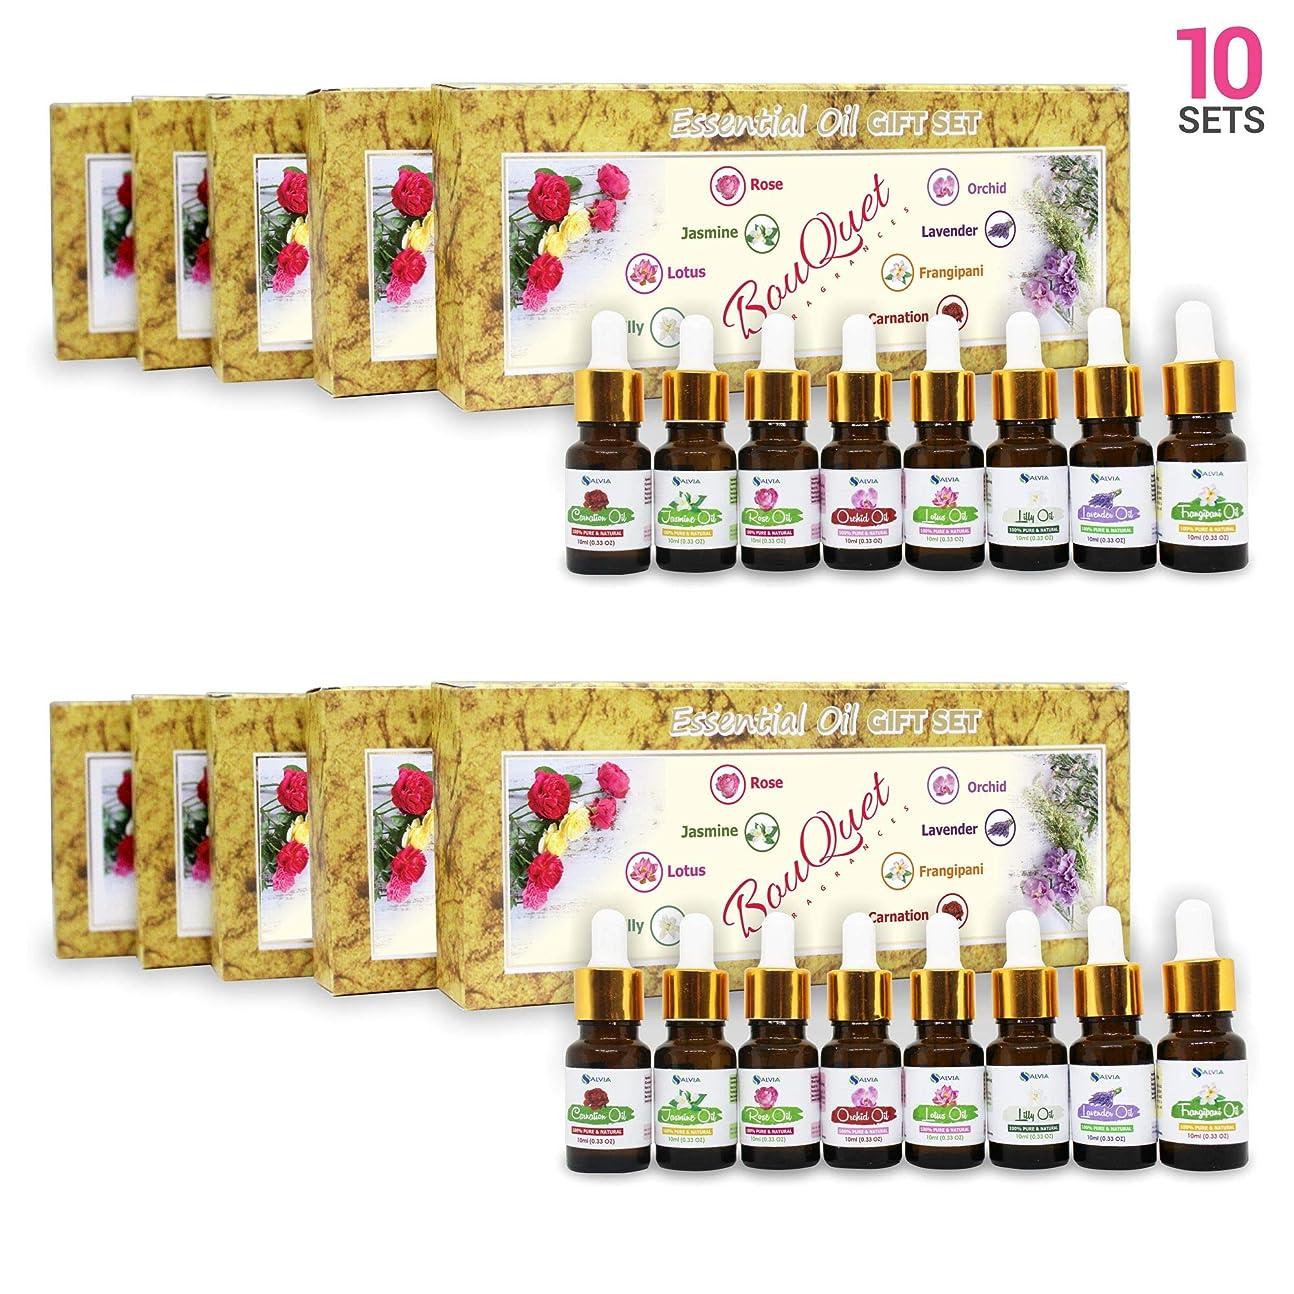 始まり最大限ピケAromatherapy Fragrance Oils (Set of 10) - 100% Natural Therapeutic Essential Oils, 10ml each (Rose, Jasmine, Lotus, Lilly, Orchid, Lavender, Frangipani, Carnation) Express Shipping